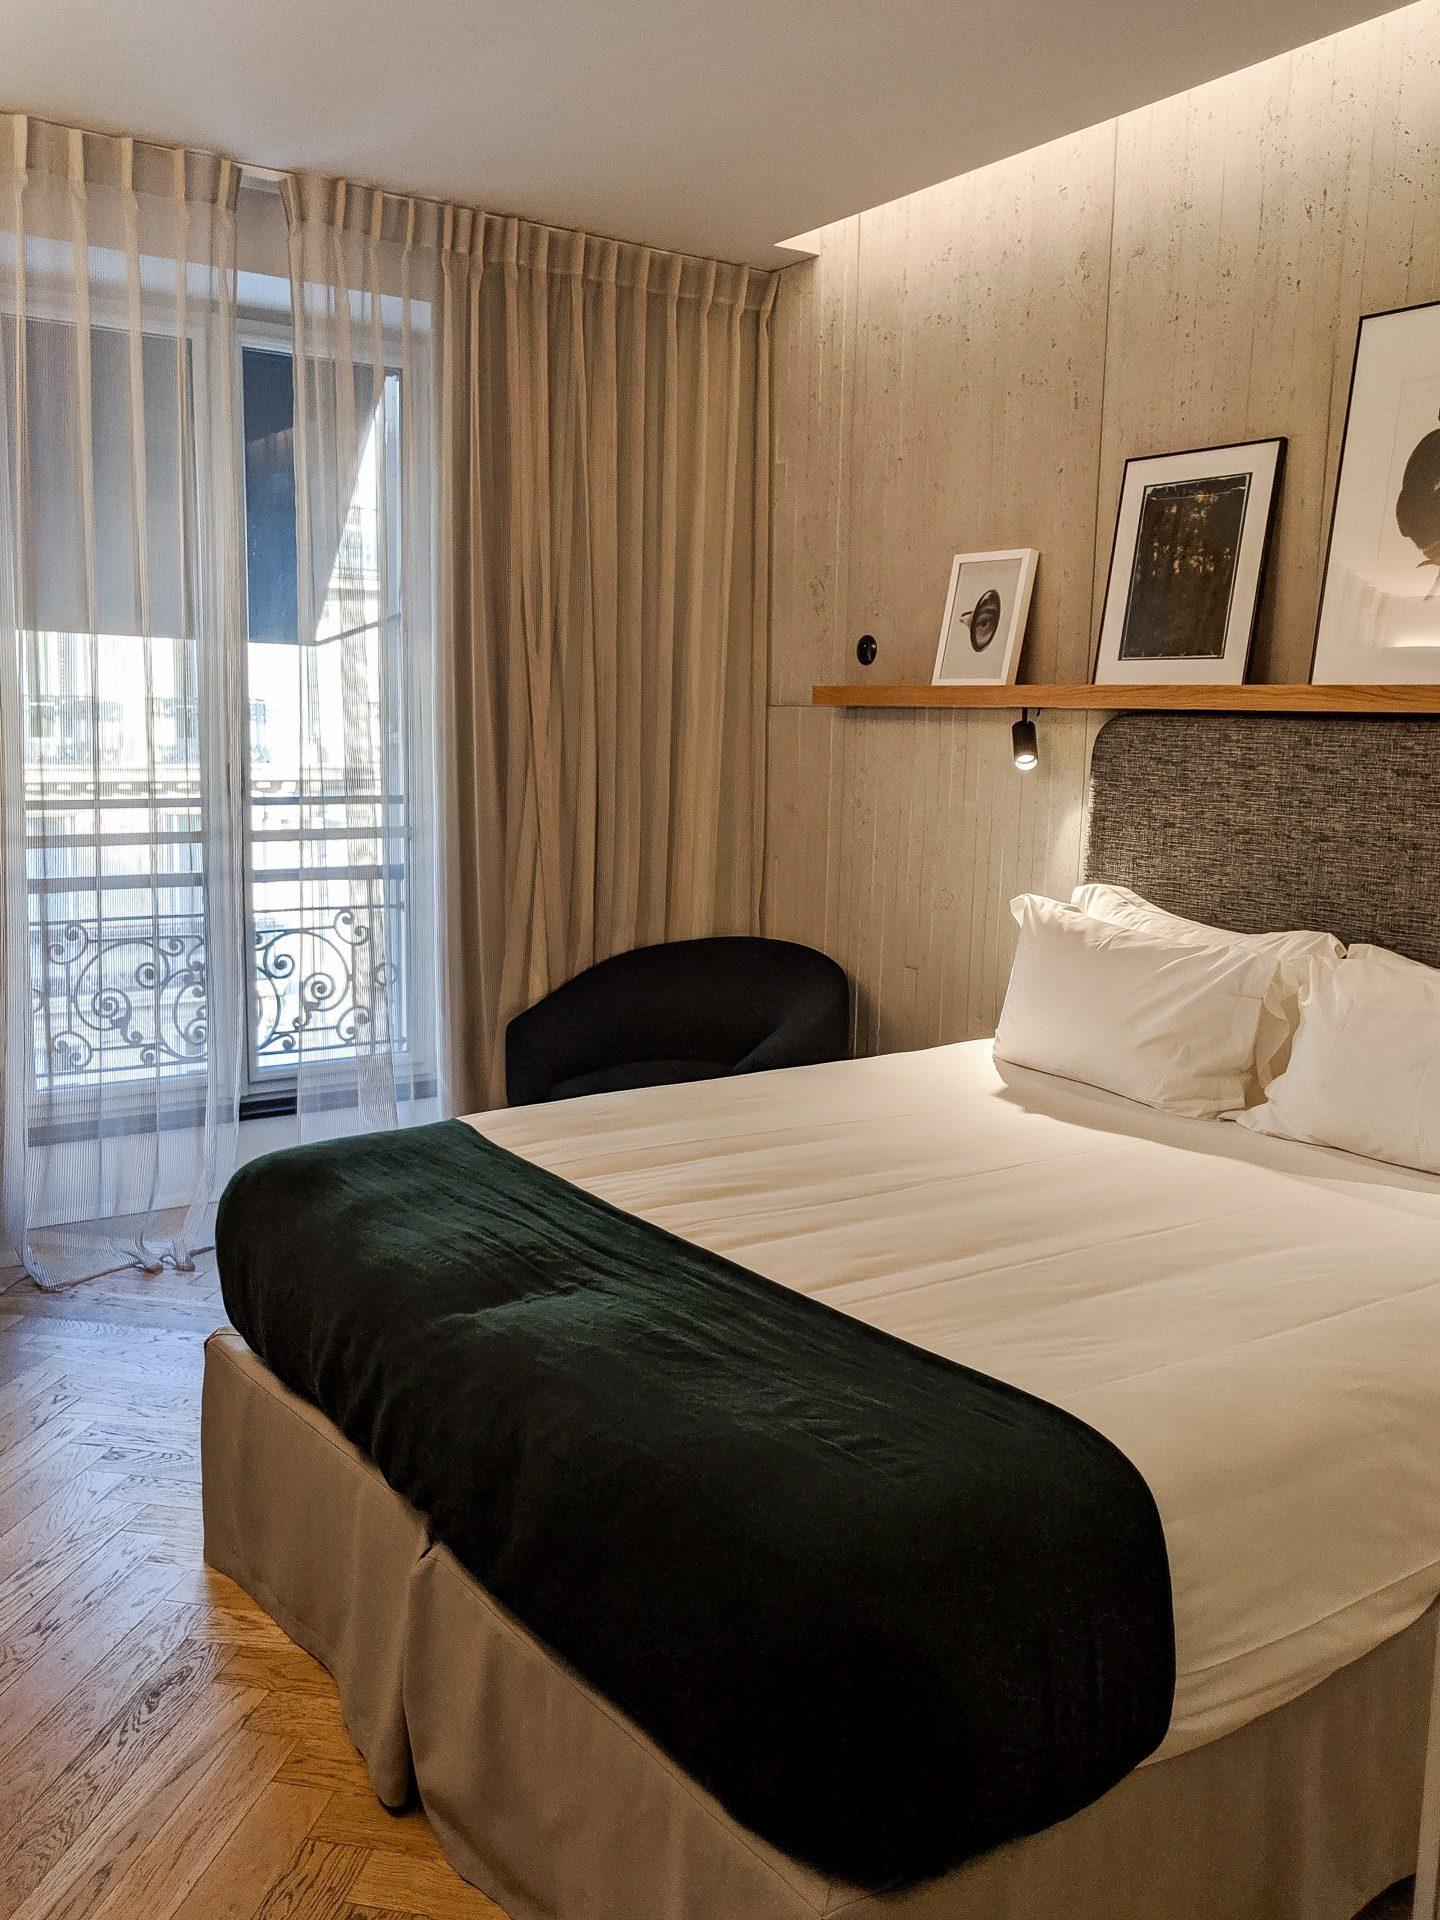 Hôtel National Des Arts et Métiers - room view